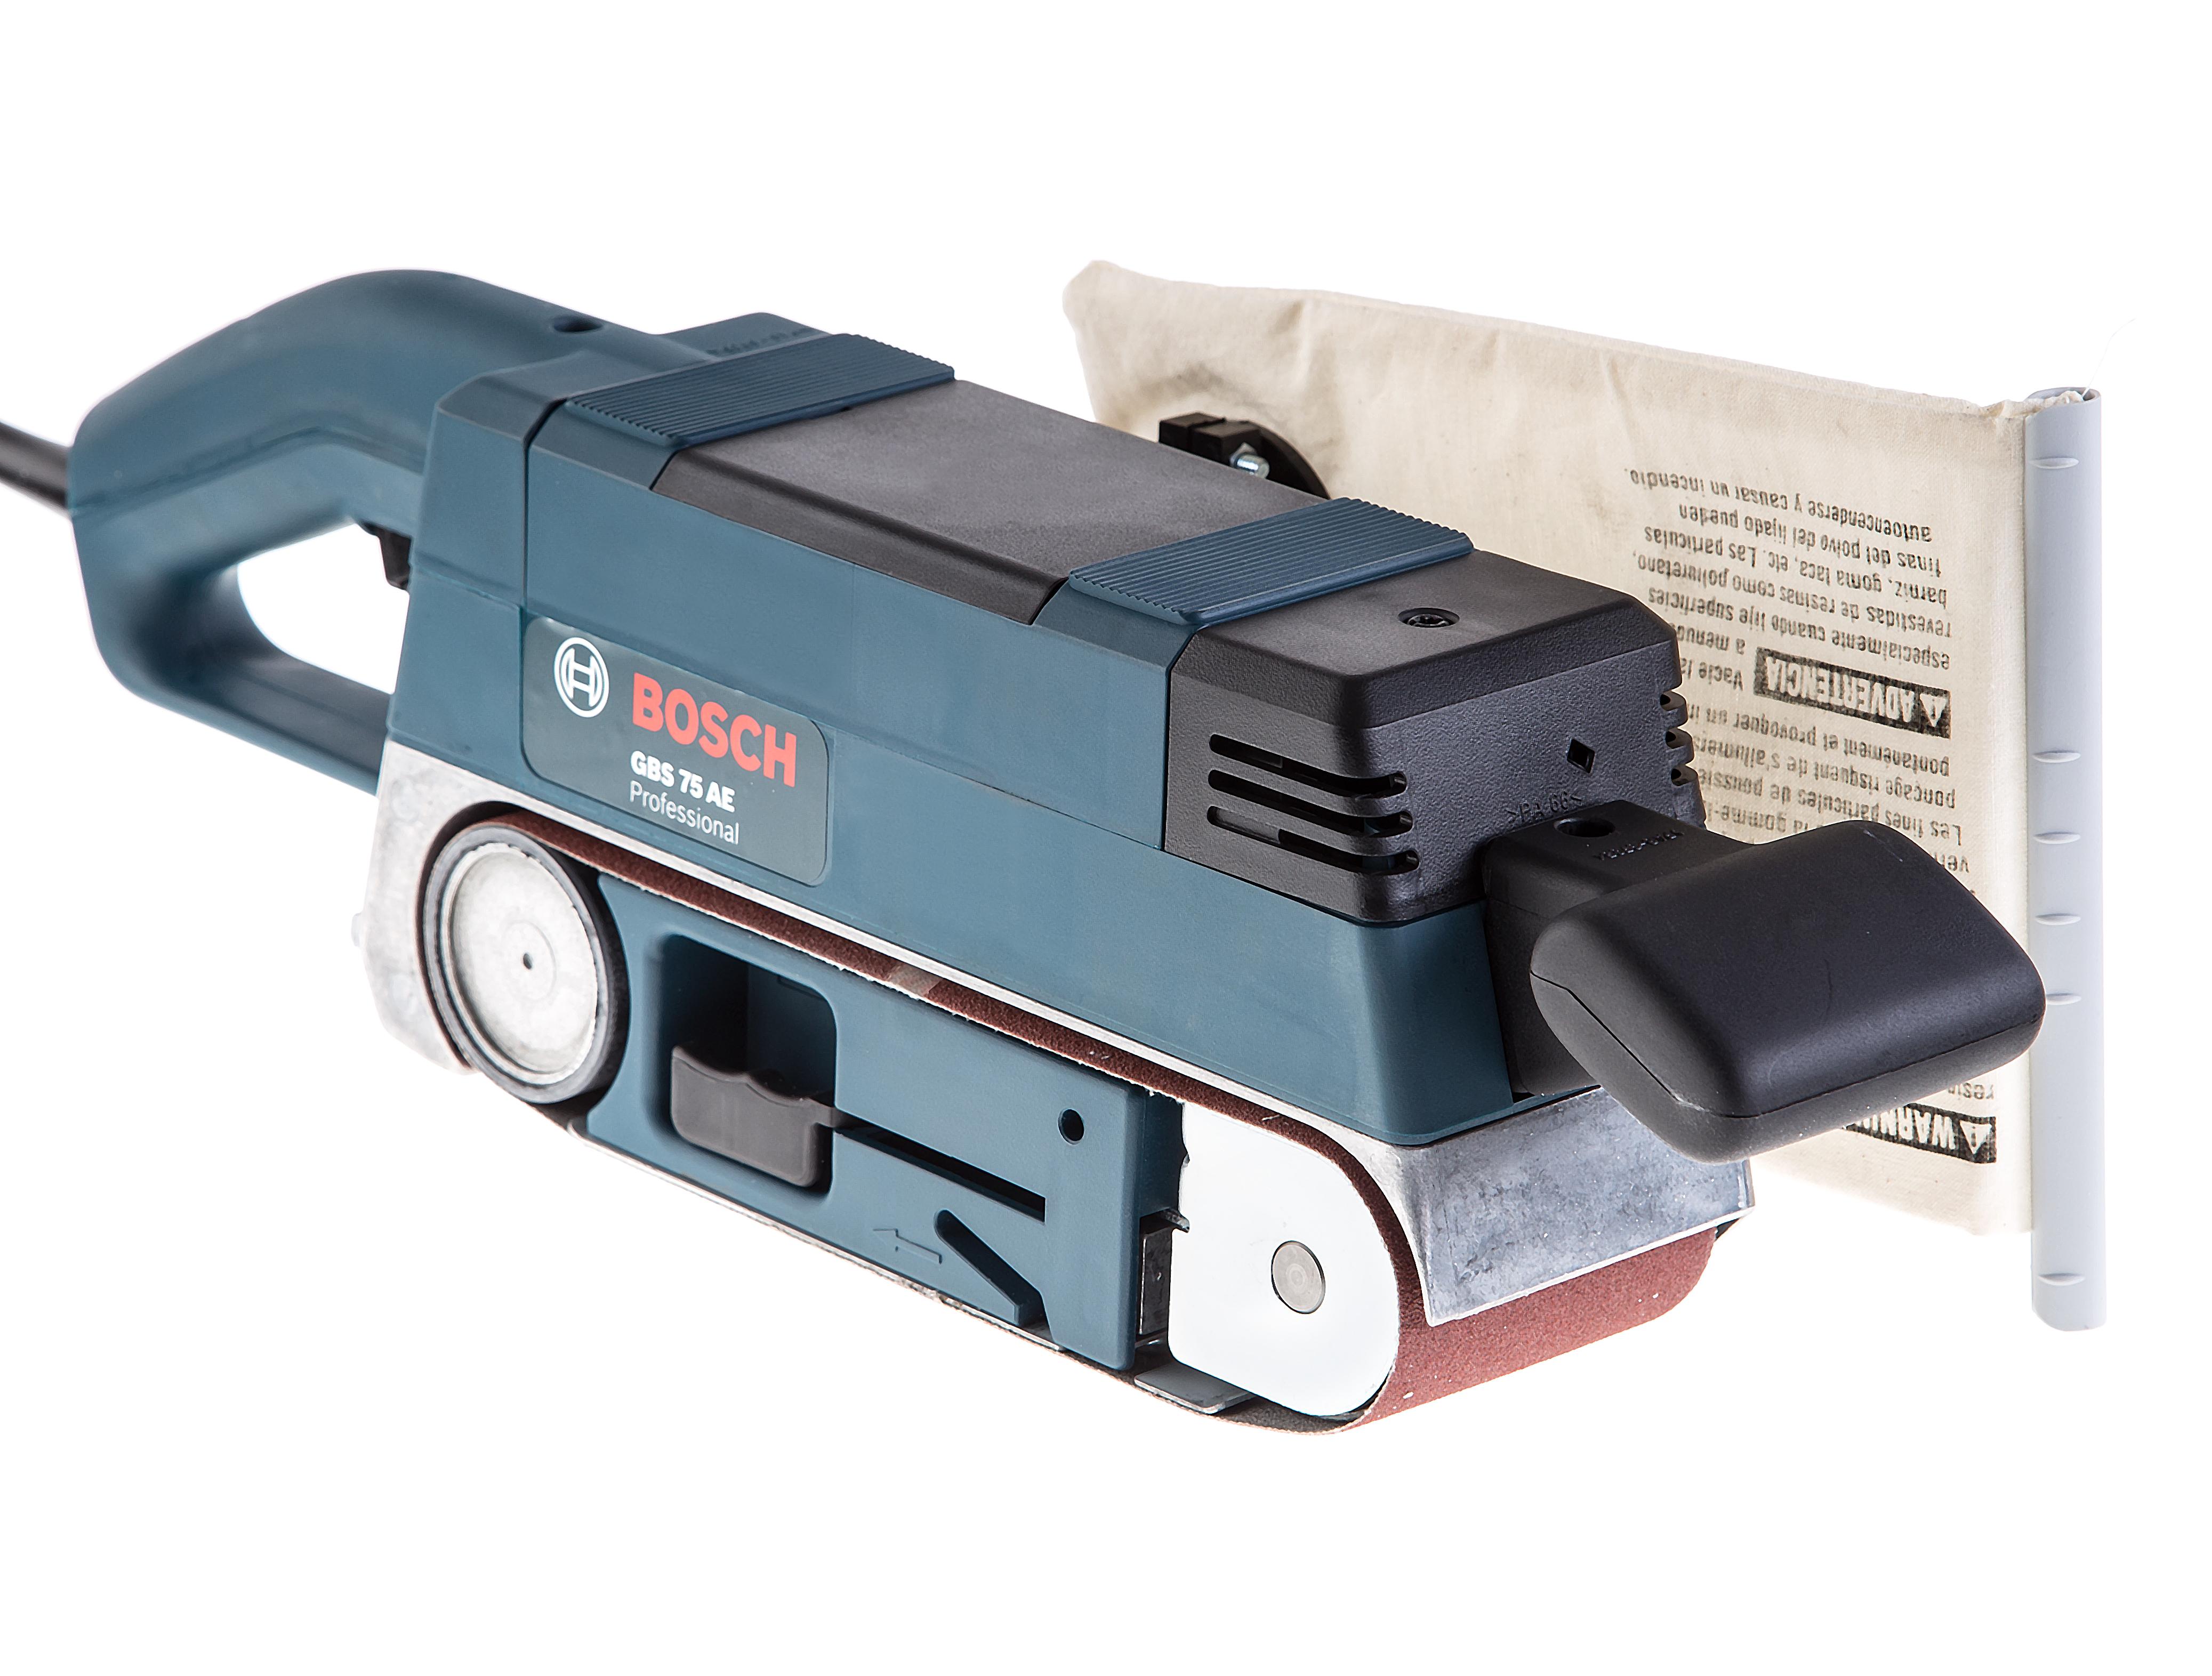 Фотография товара Машинка шлифовальная ленточная Bosch